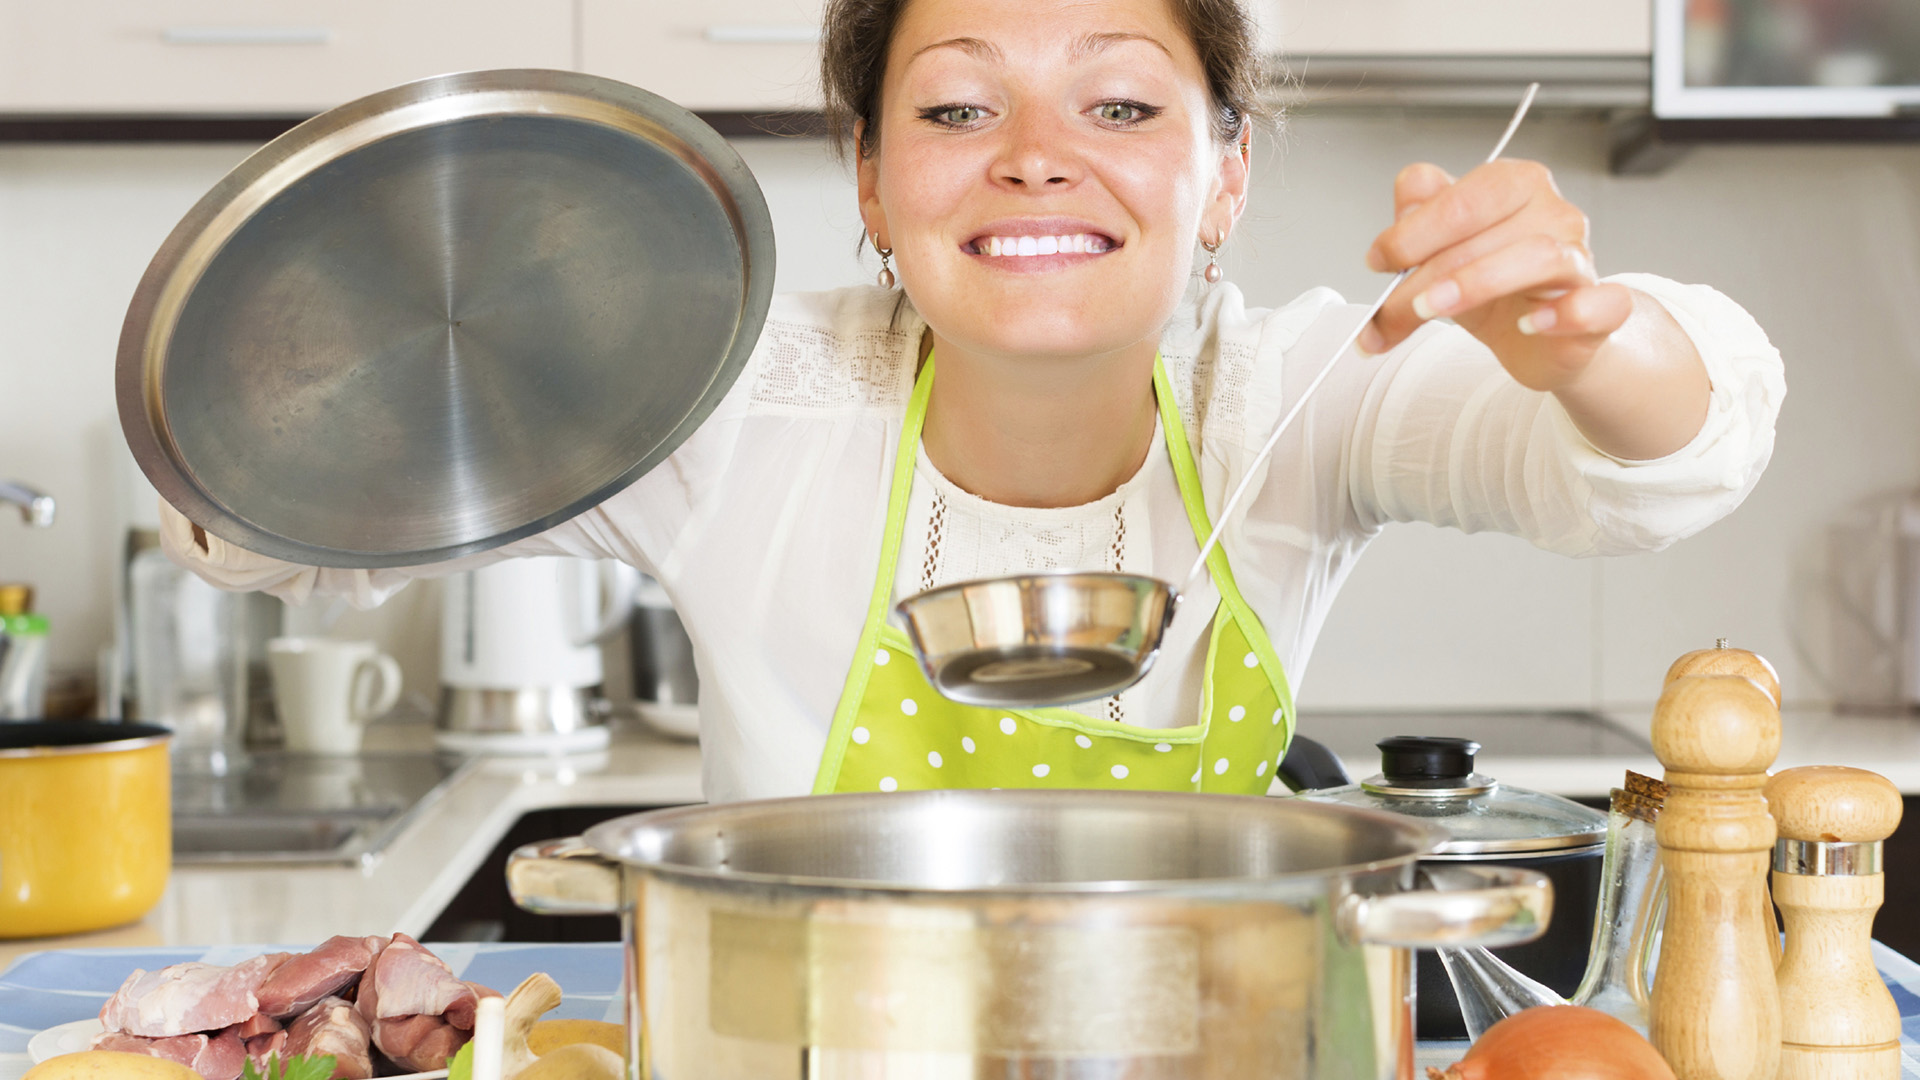 15 trucos para cocinar m s r pido telemundo